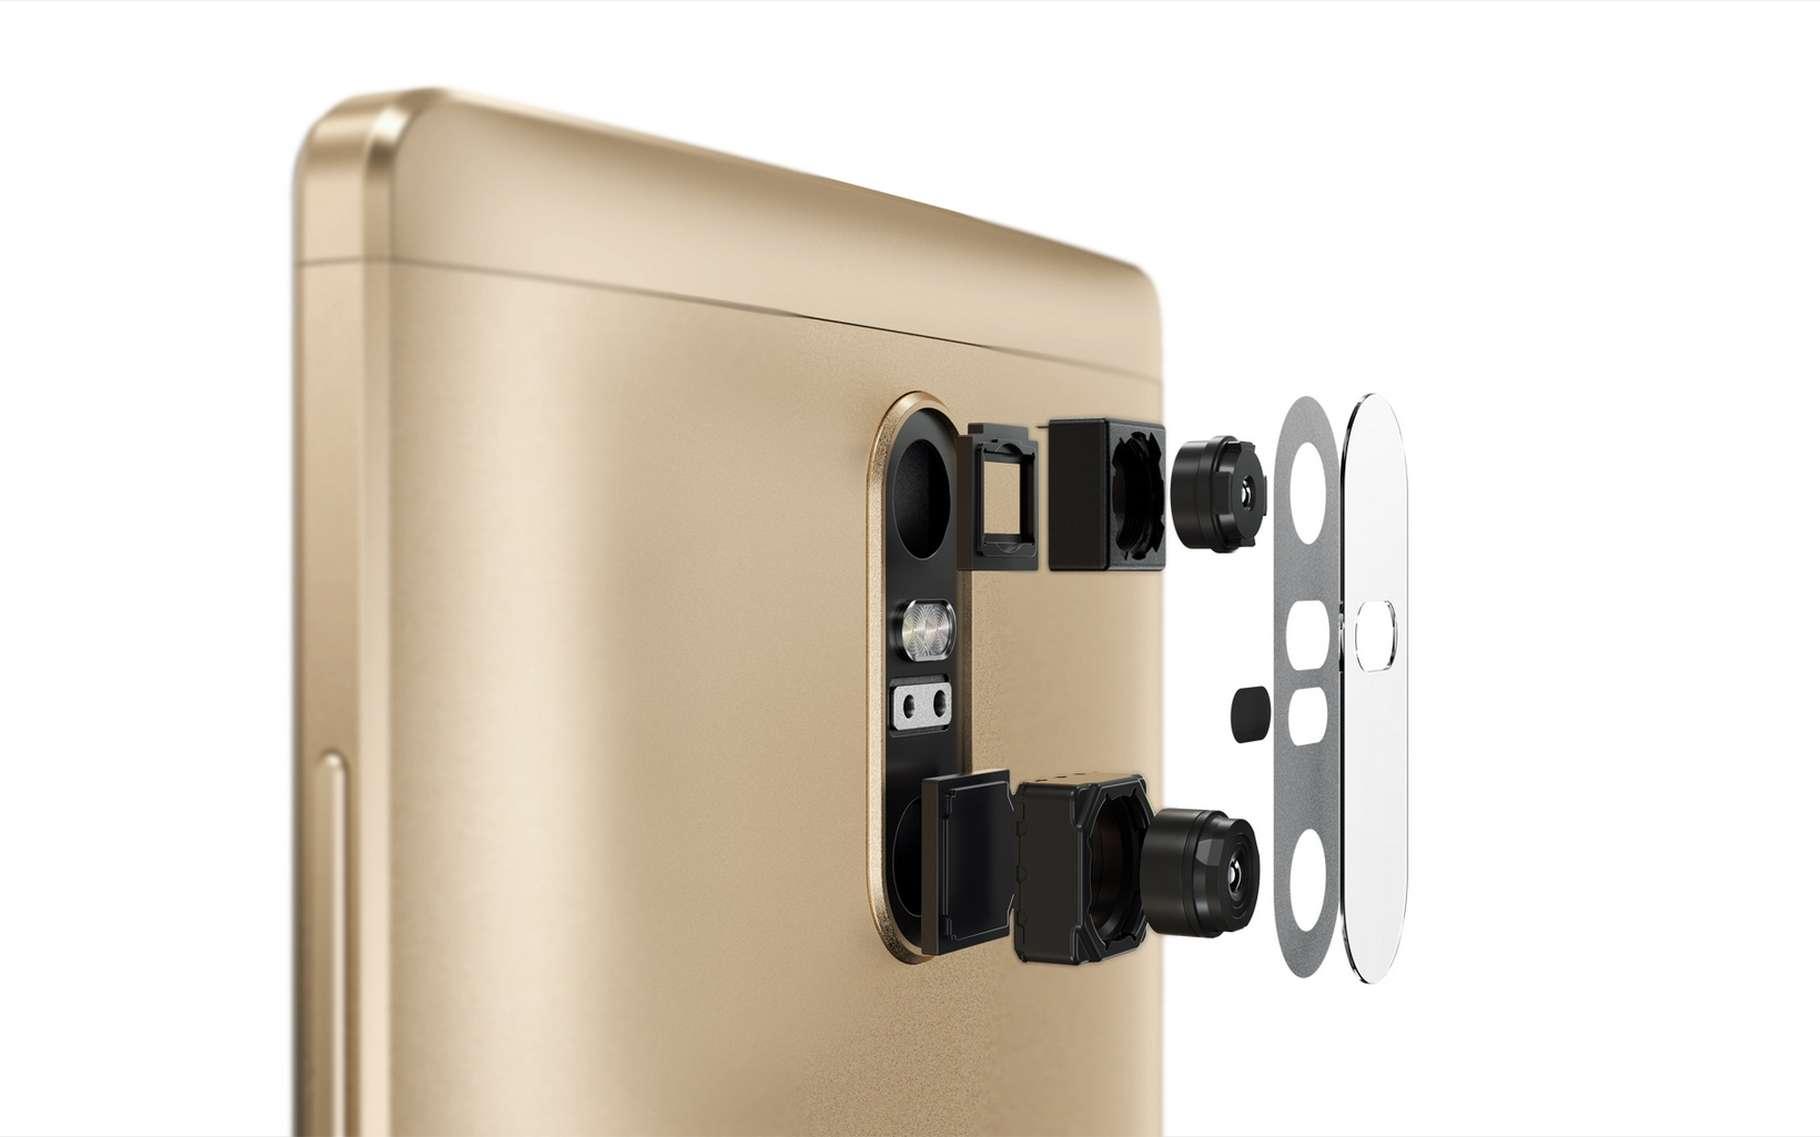 Le Phab Pro 2 de Lenovo incorpore deux caméras, dont une avec un grand angle ainsi qu'un capteur de profondeur et de mouvements. © Lenovo